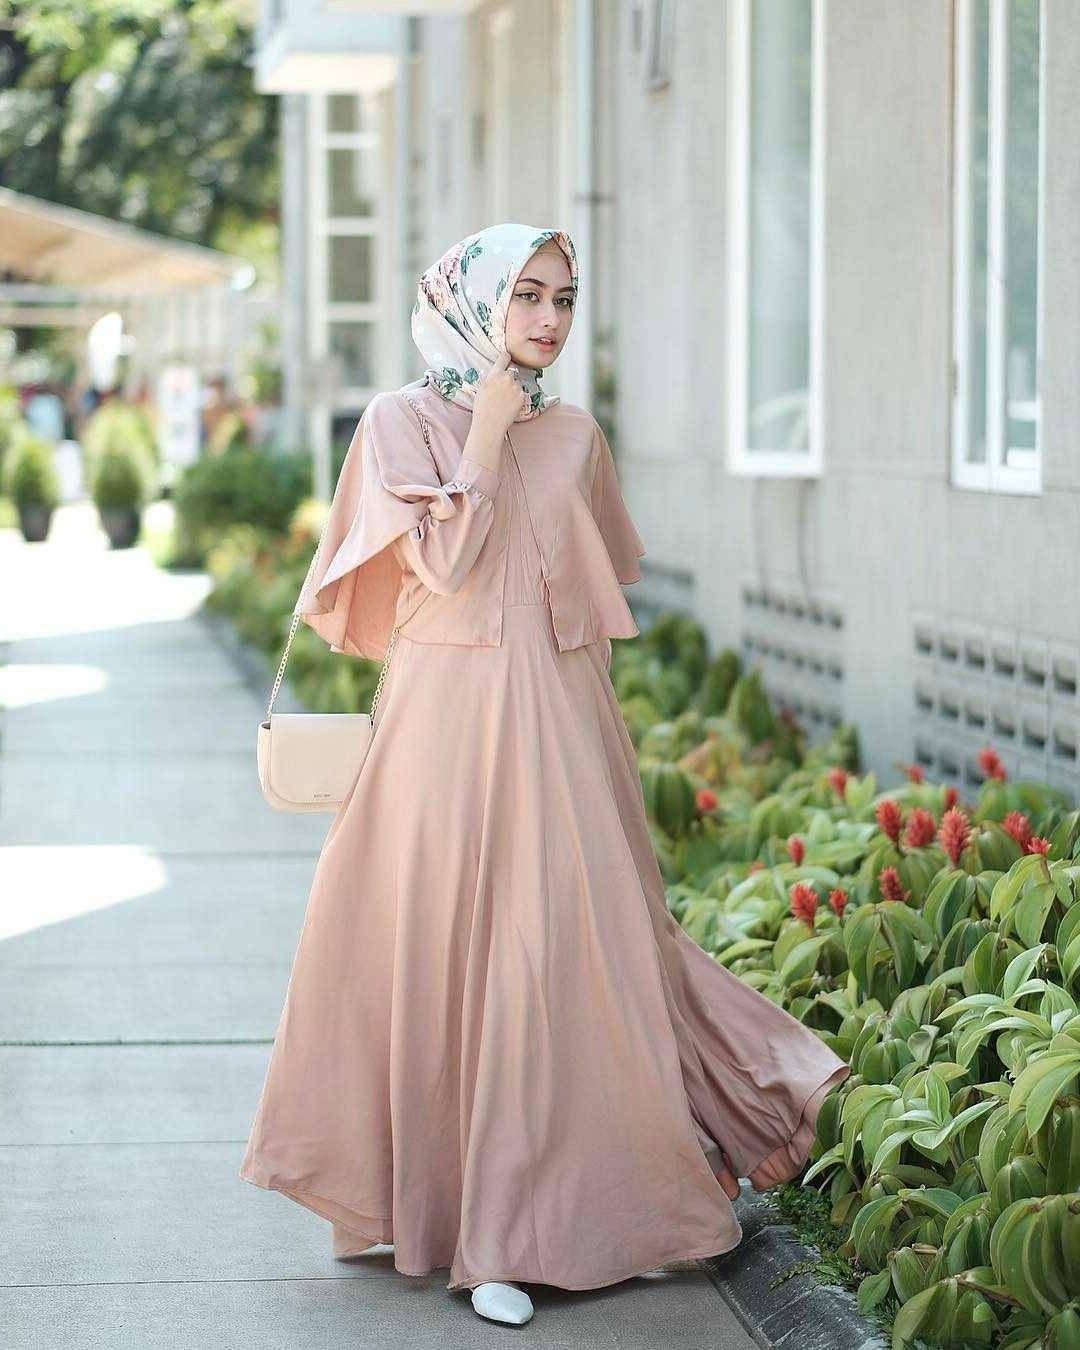 Inspirasi Lihat Model Baju Lebaran 2018 8ydm 21 Model Gamis Lebaran 2018 Desain Elegan Casual Dan Modern